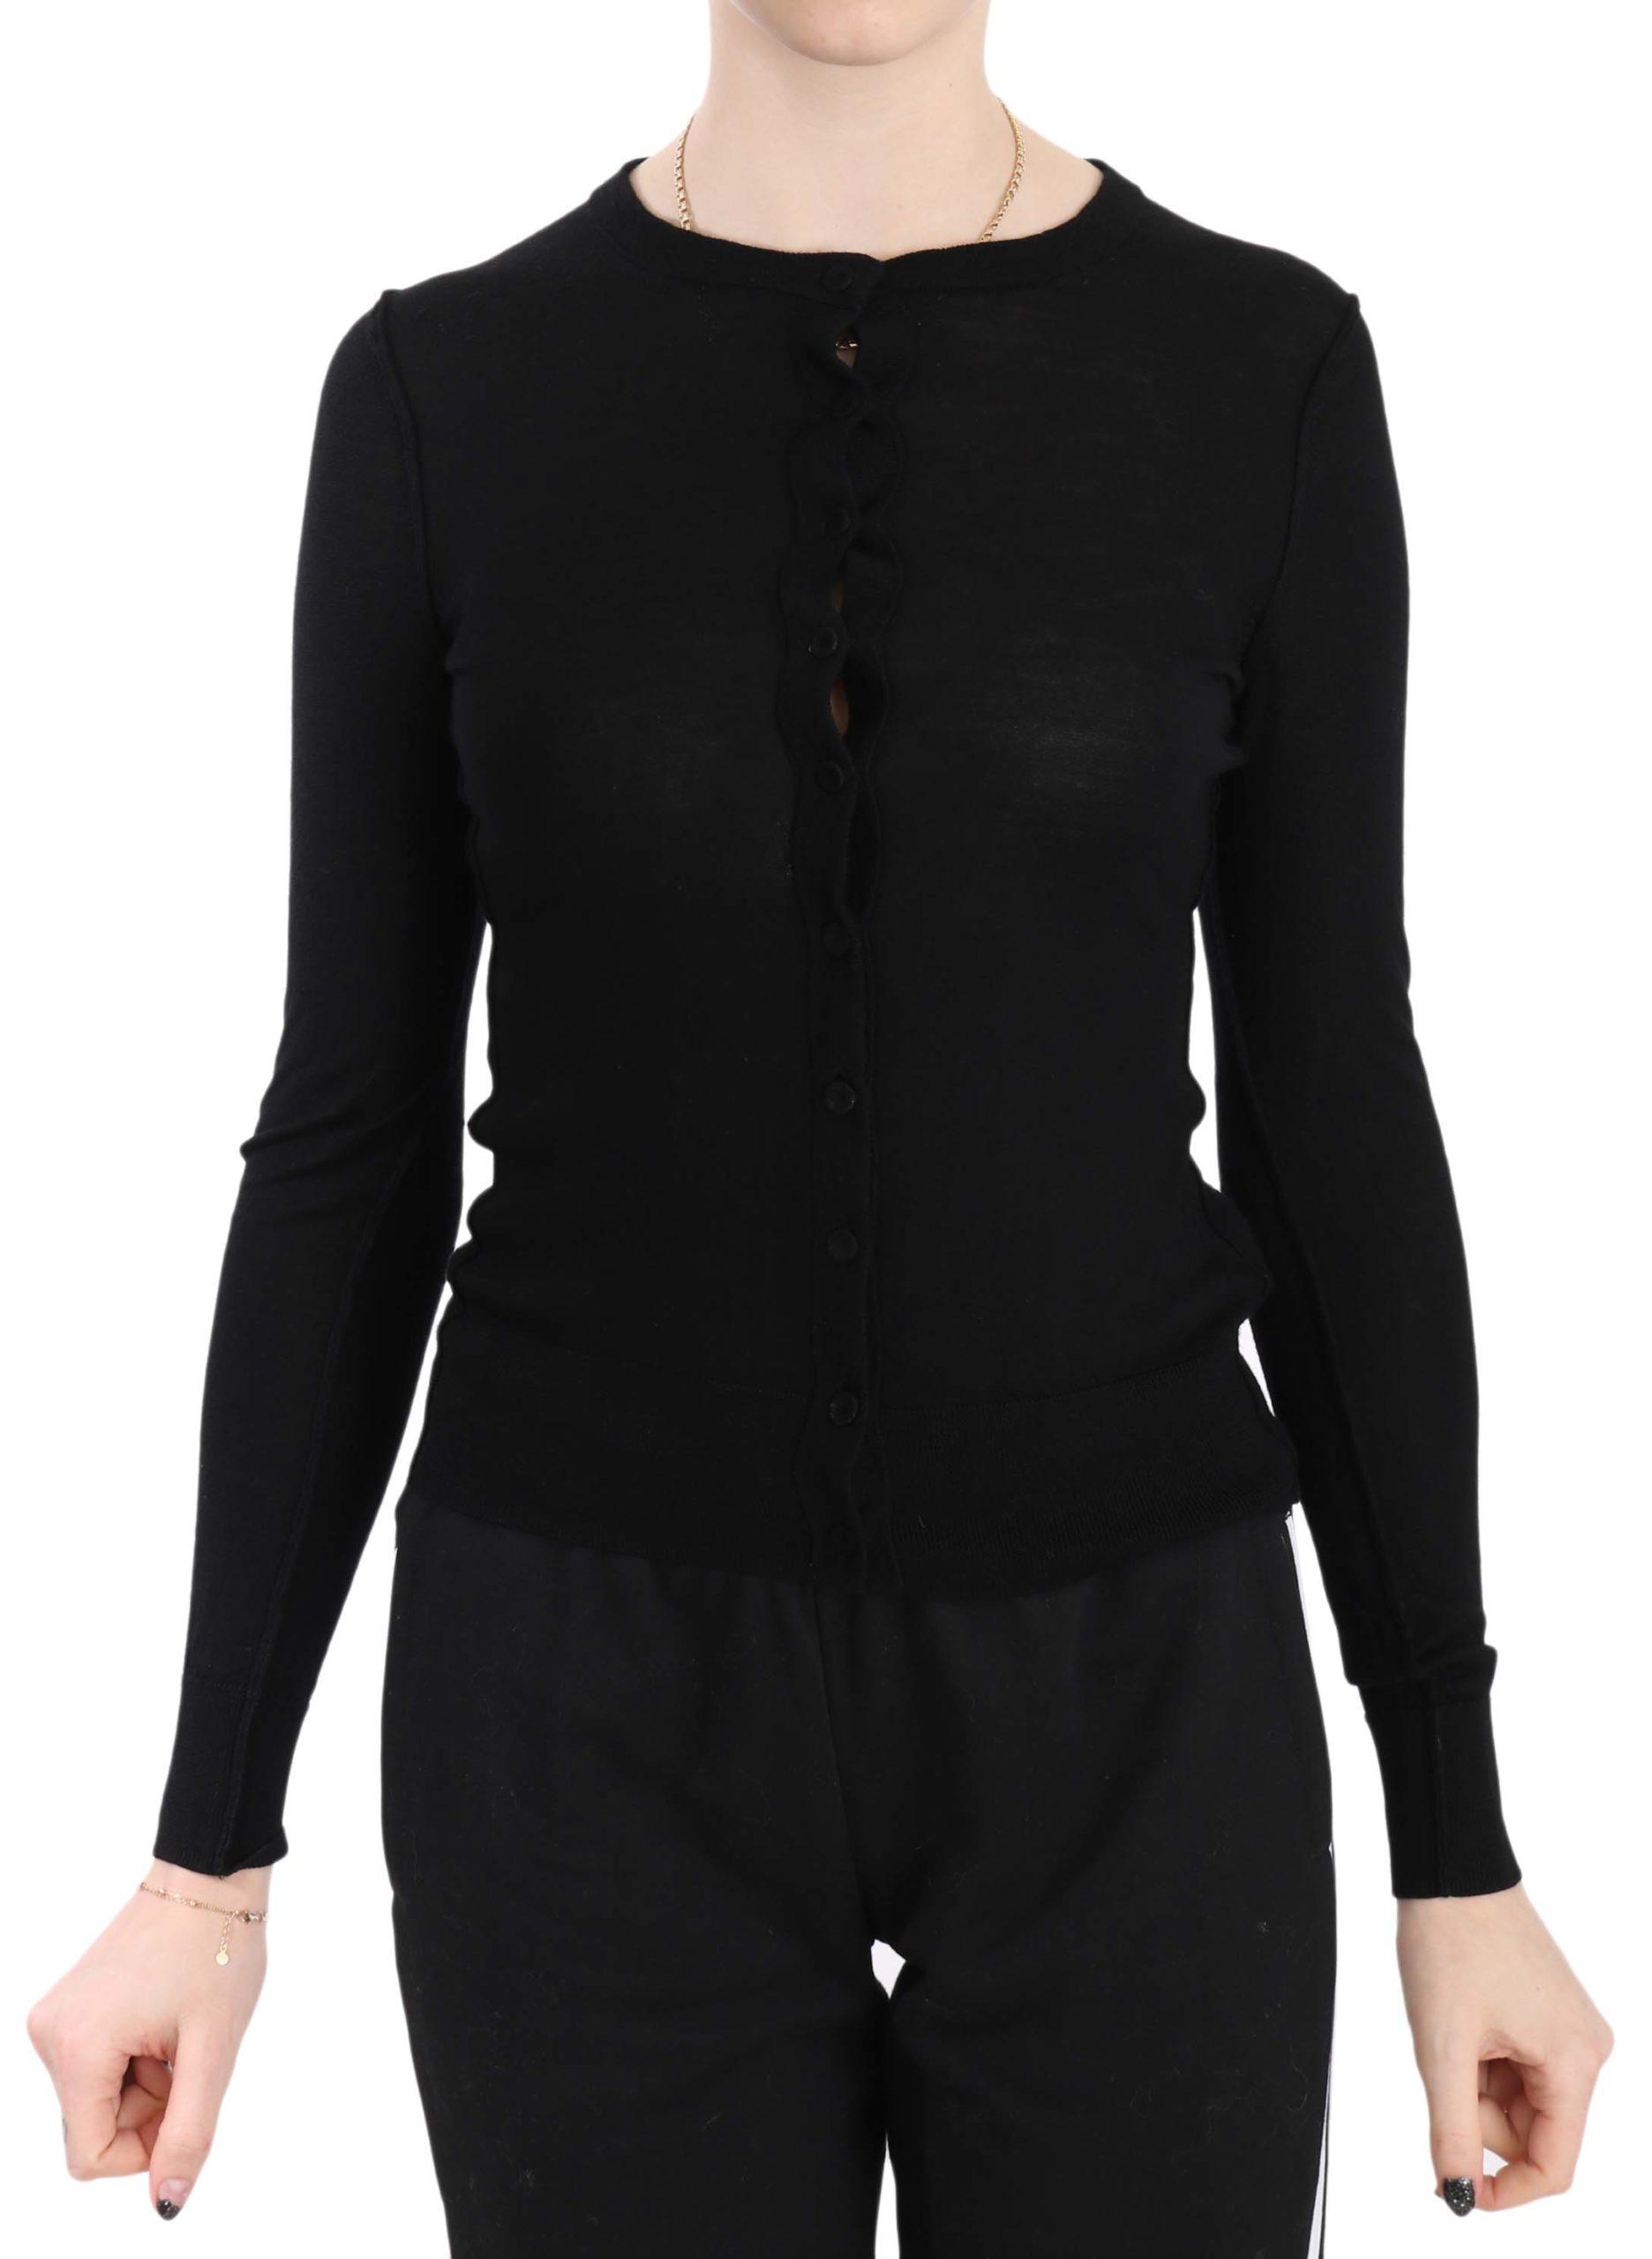 Dolce & Gabbana Women's Wool Cardigan Black TSH3220 - IT40|S